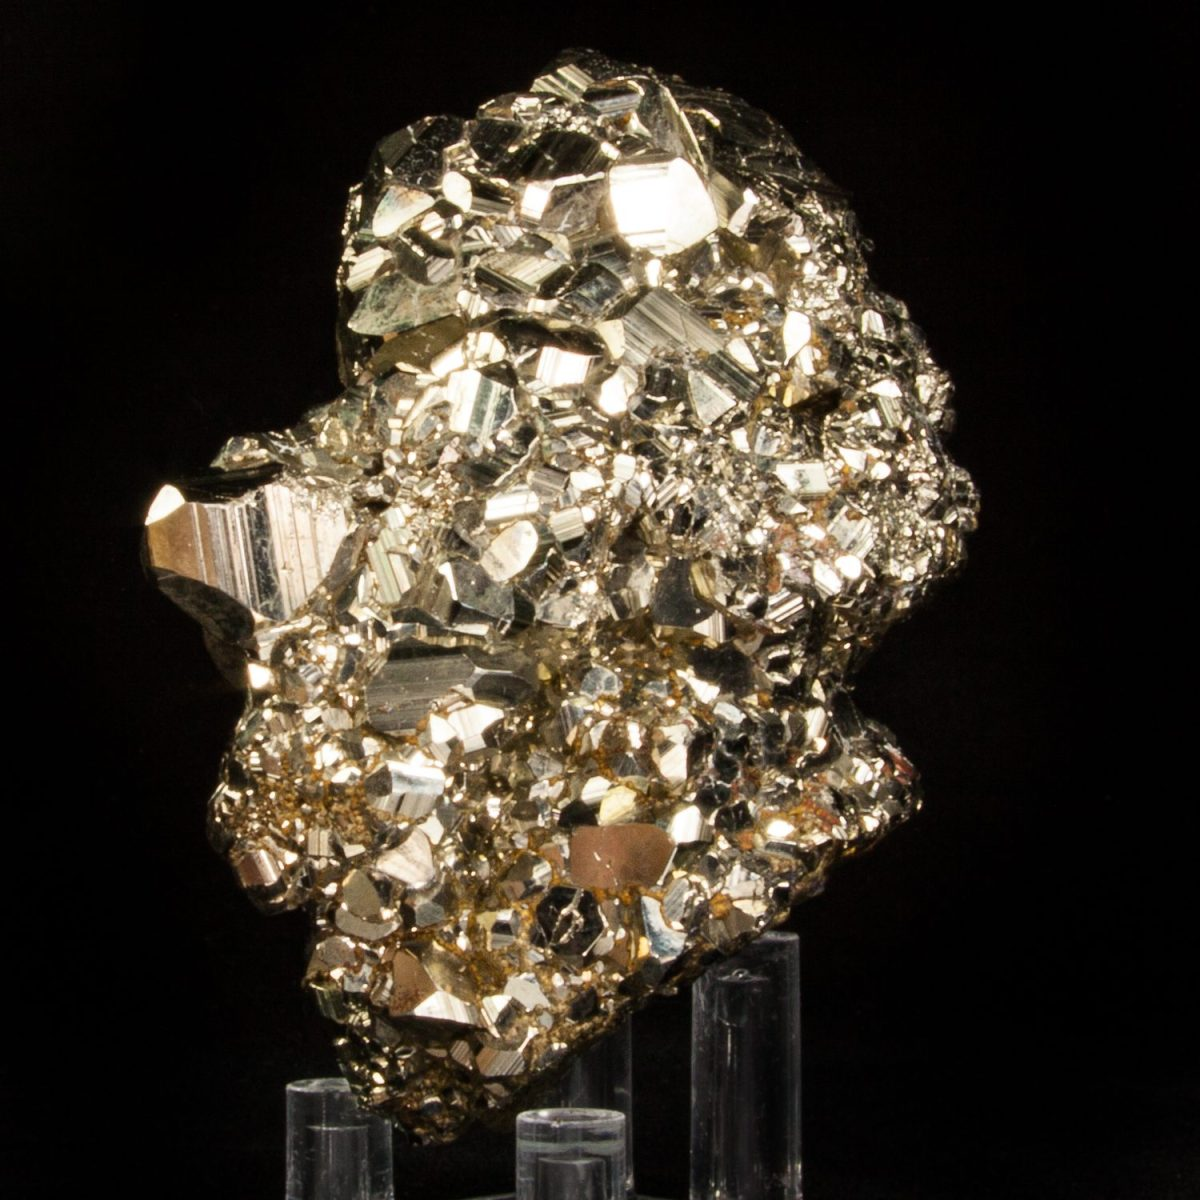 Pyrite and Quartz